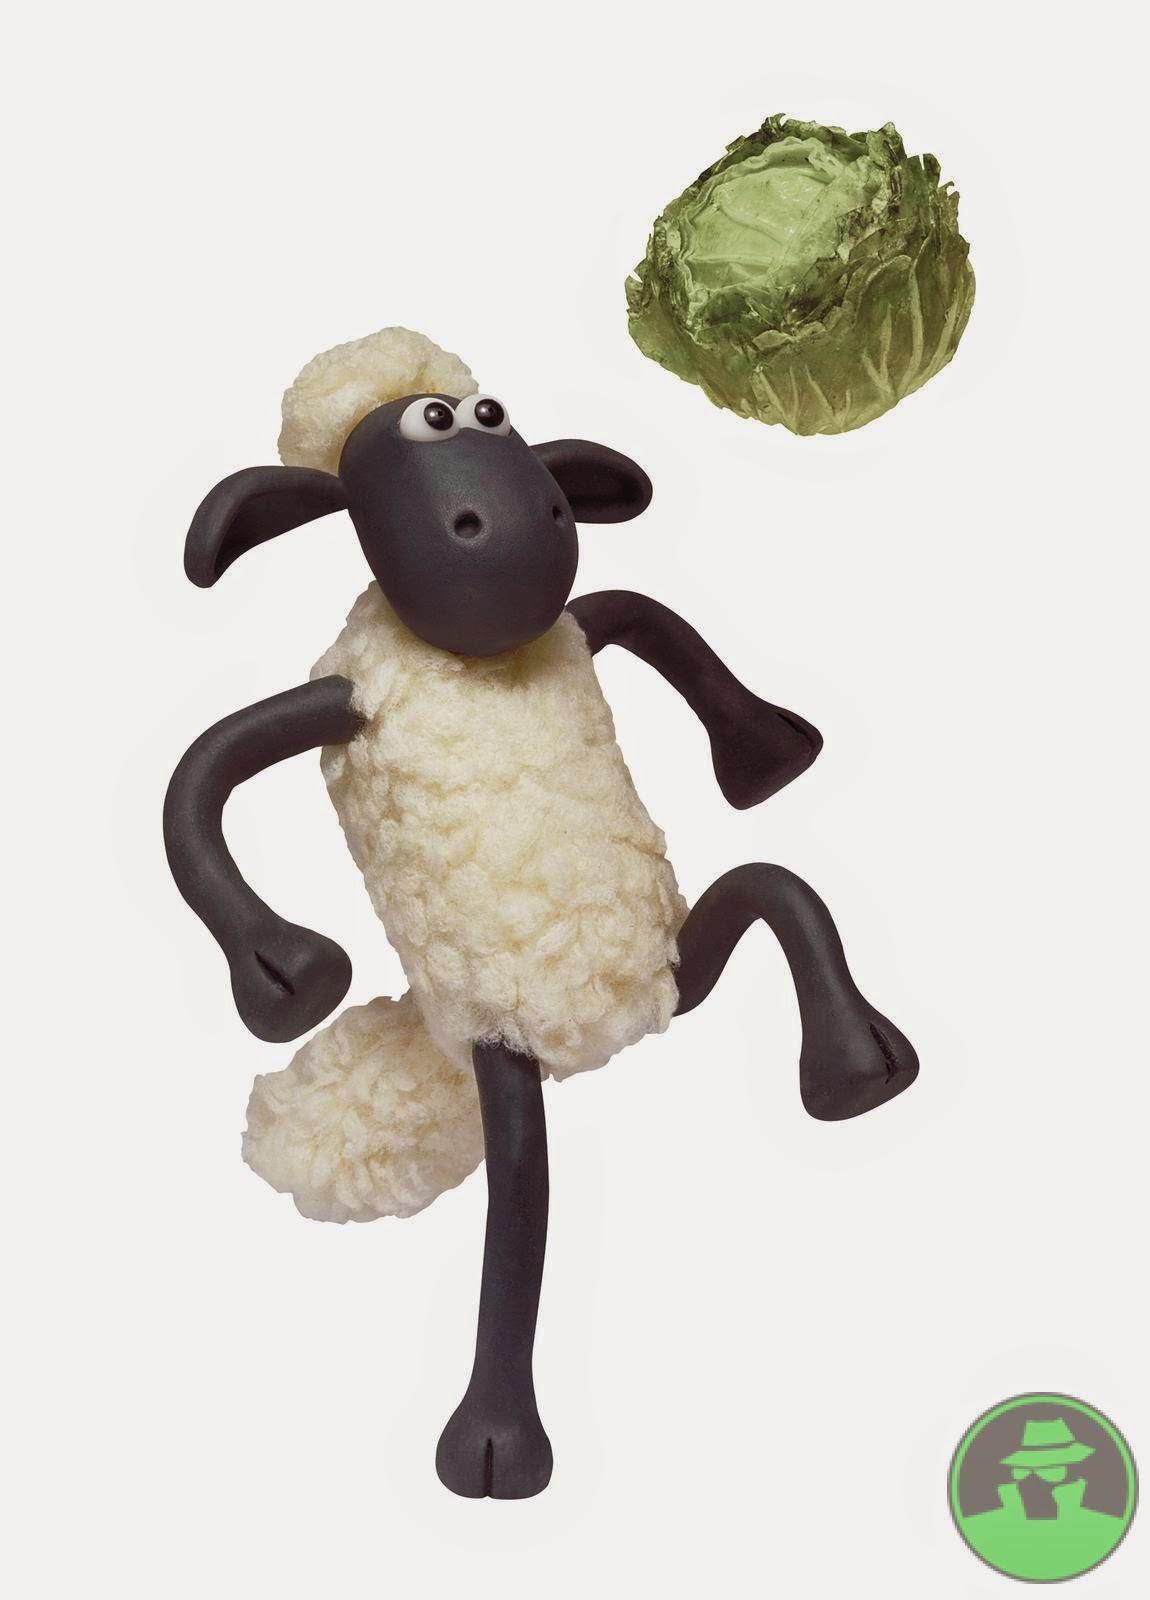 Kumpulan Gambar Shaun The Sheep   Gambar Lucu Terbaru Cartoon ...